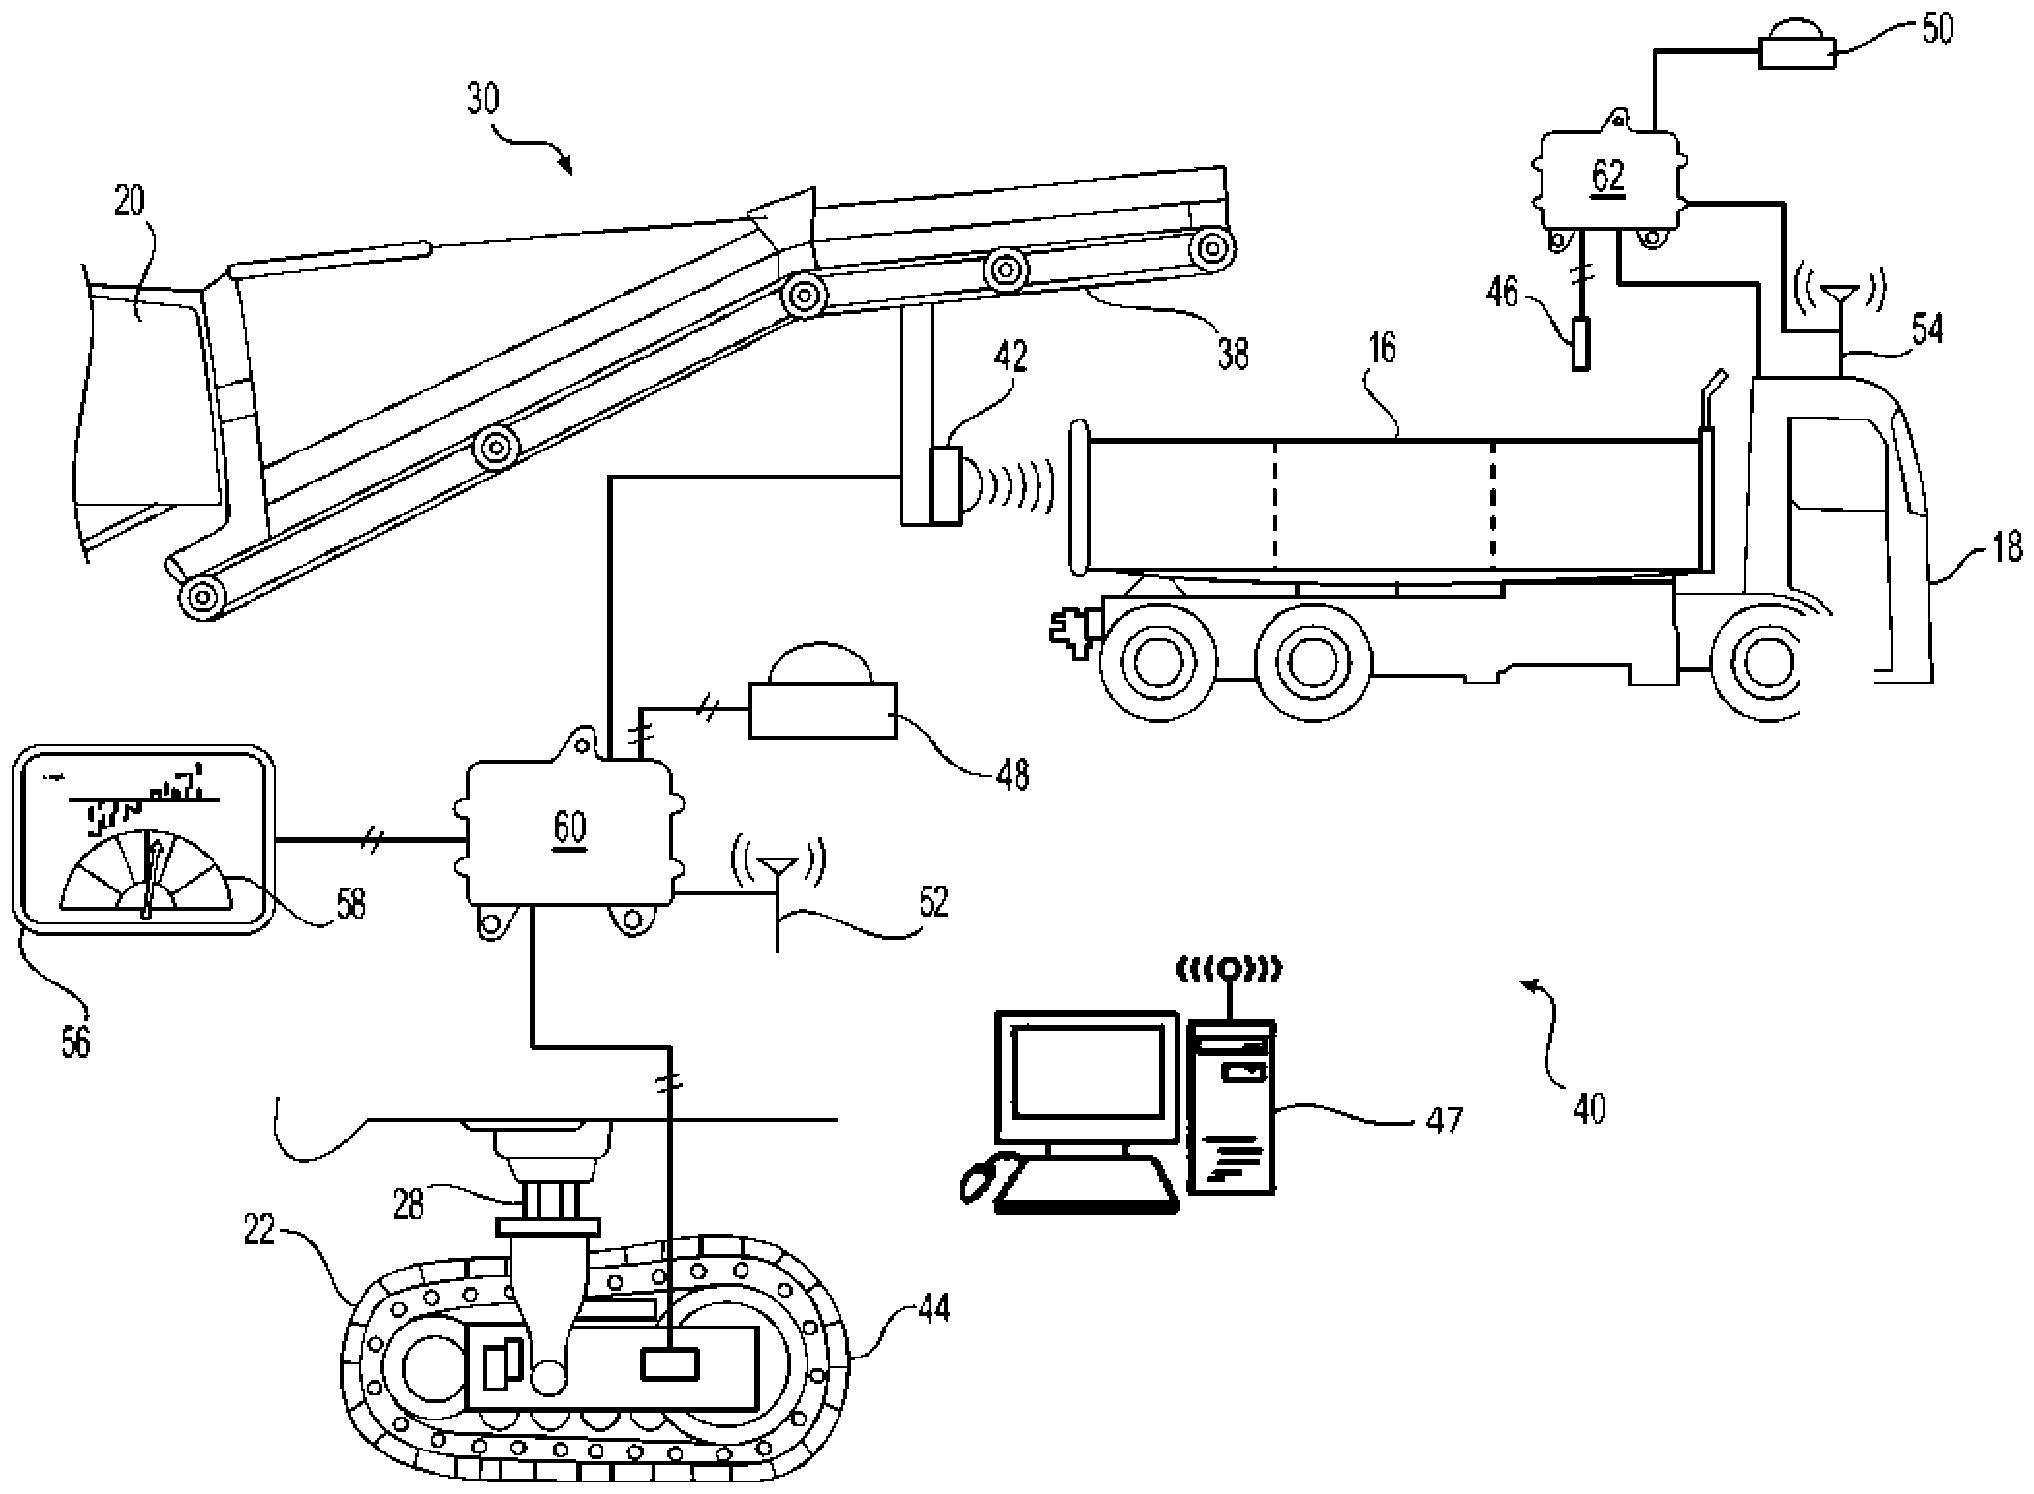 Figure DE112016004648T5_0000